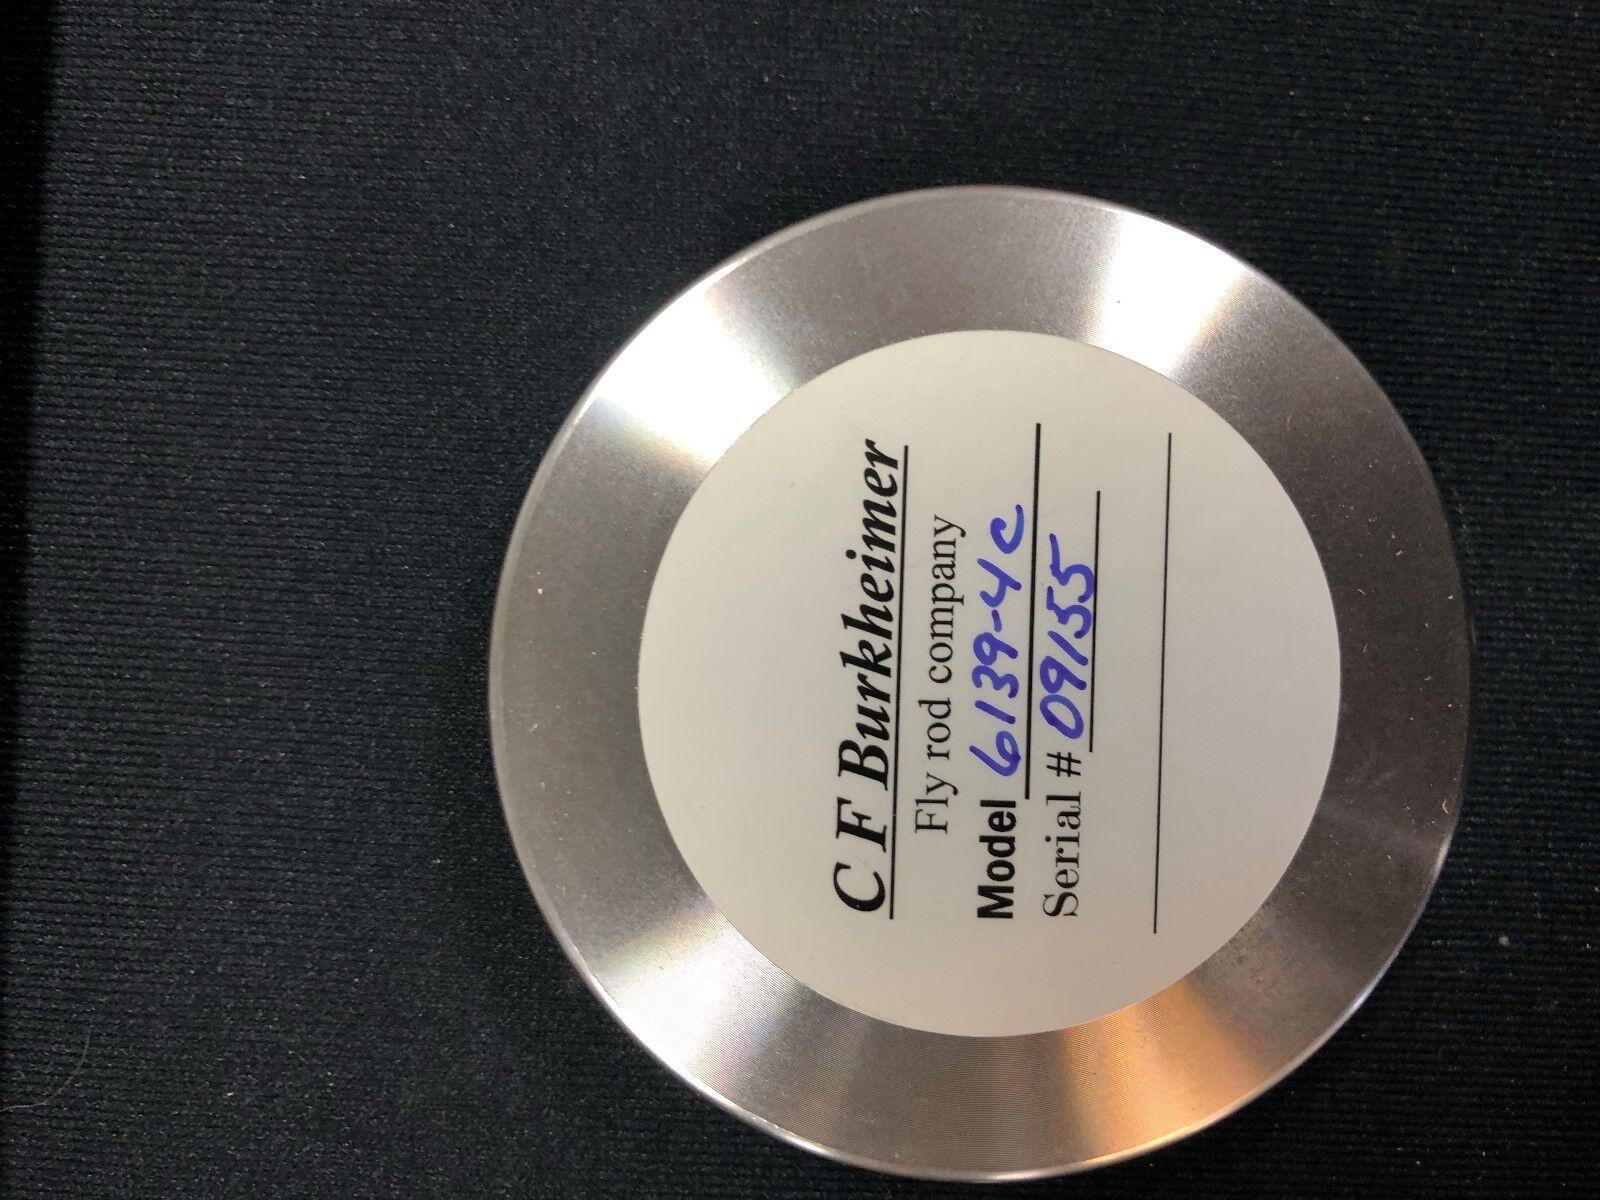 C.F. burkheimer 6139-4 Classic Spey rod